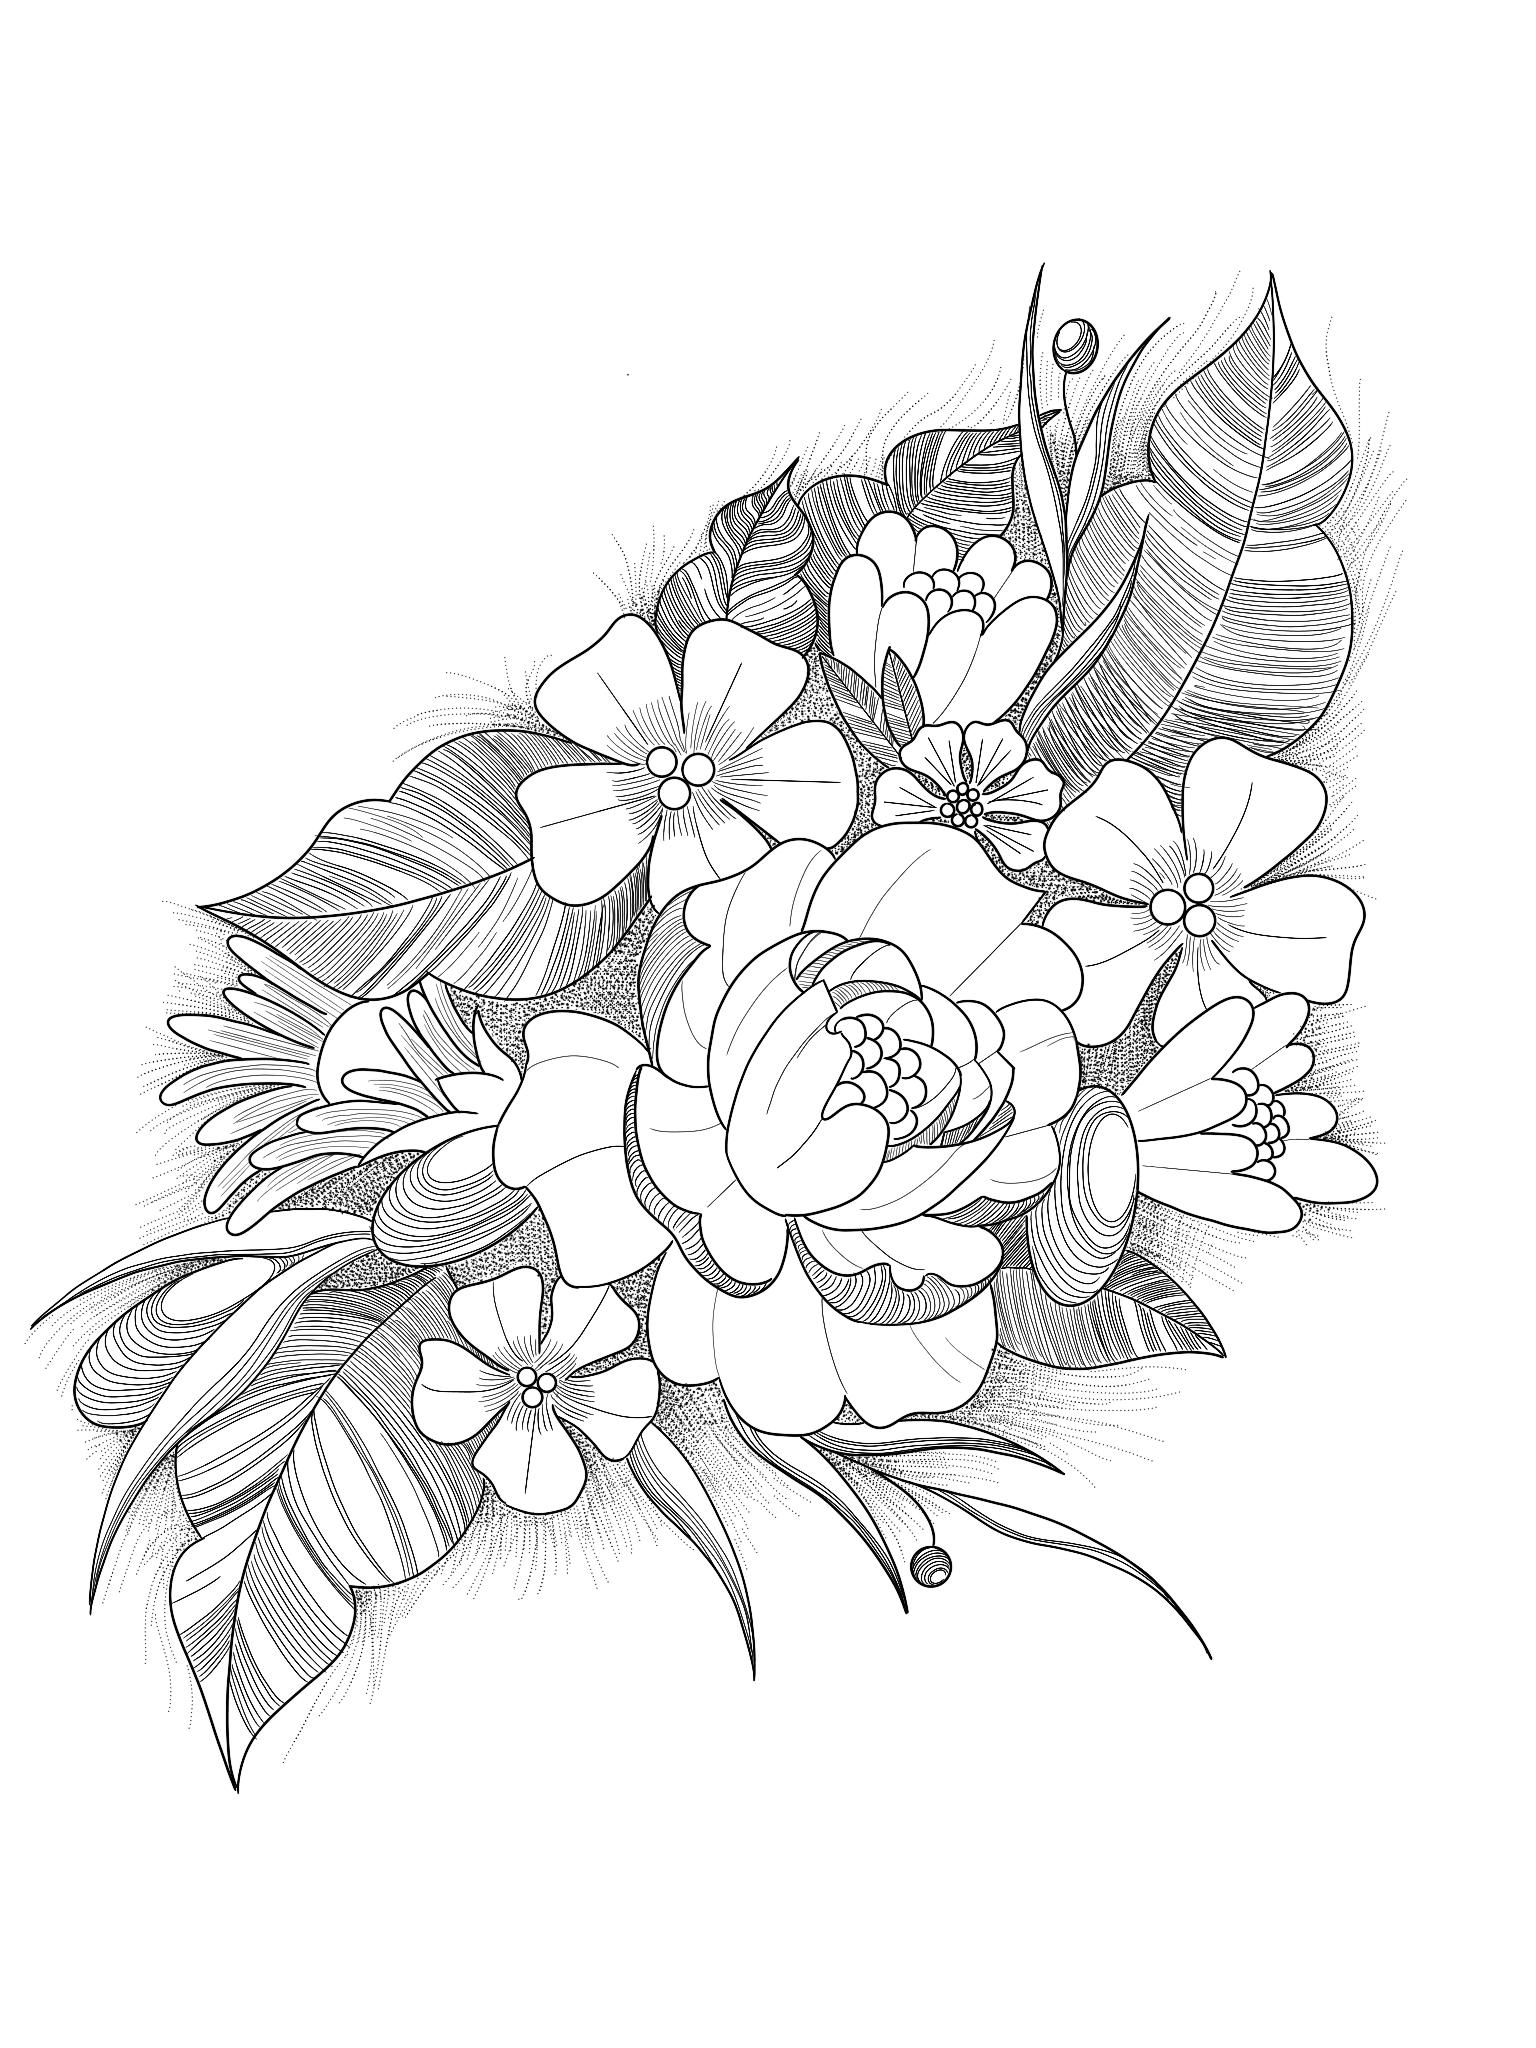 цветочные композиции картинки карандашом пацаны